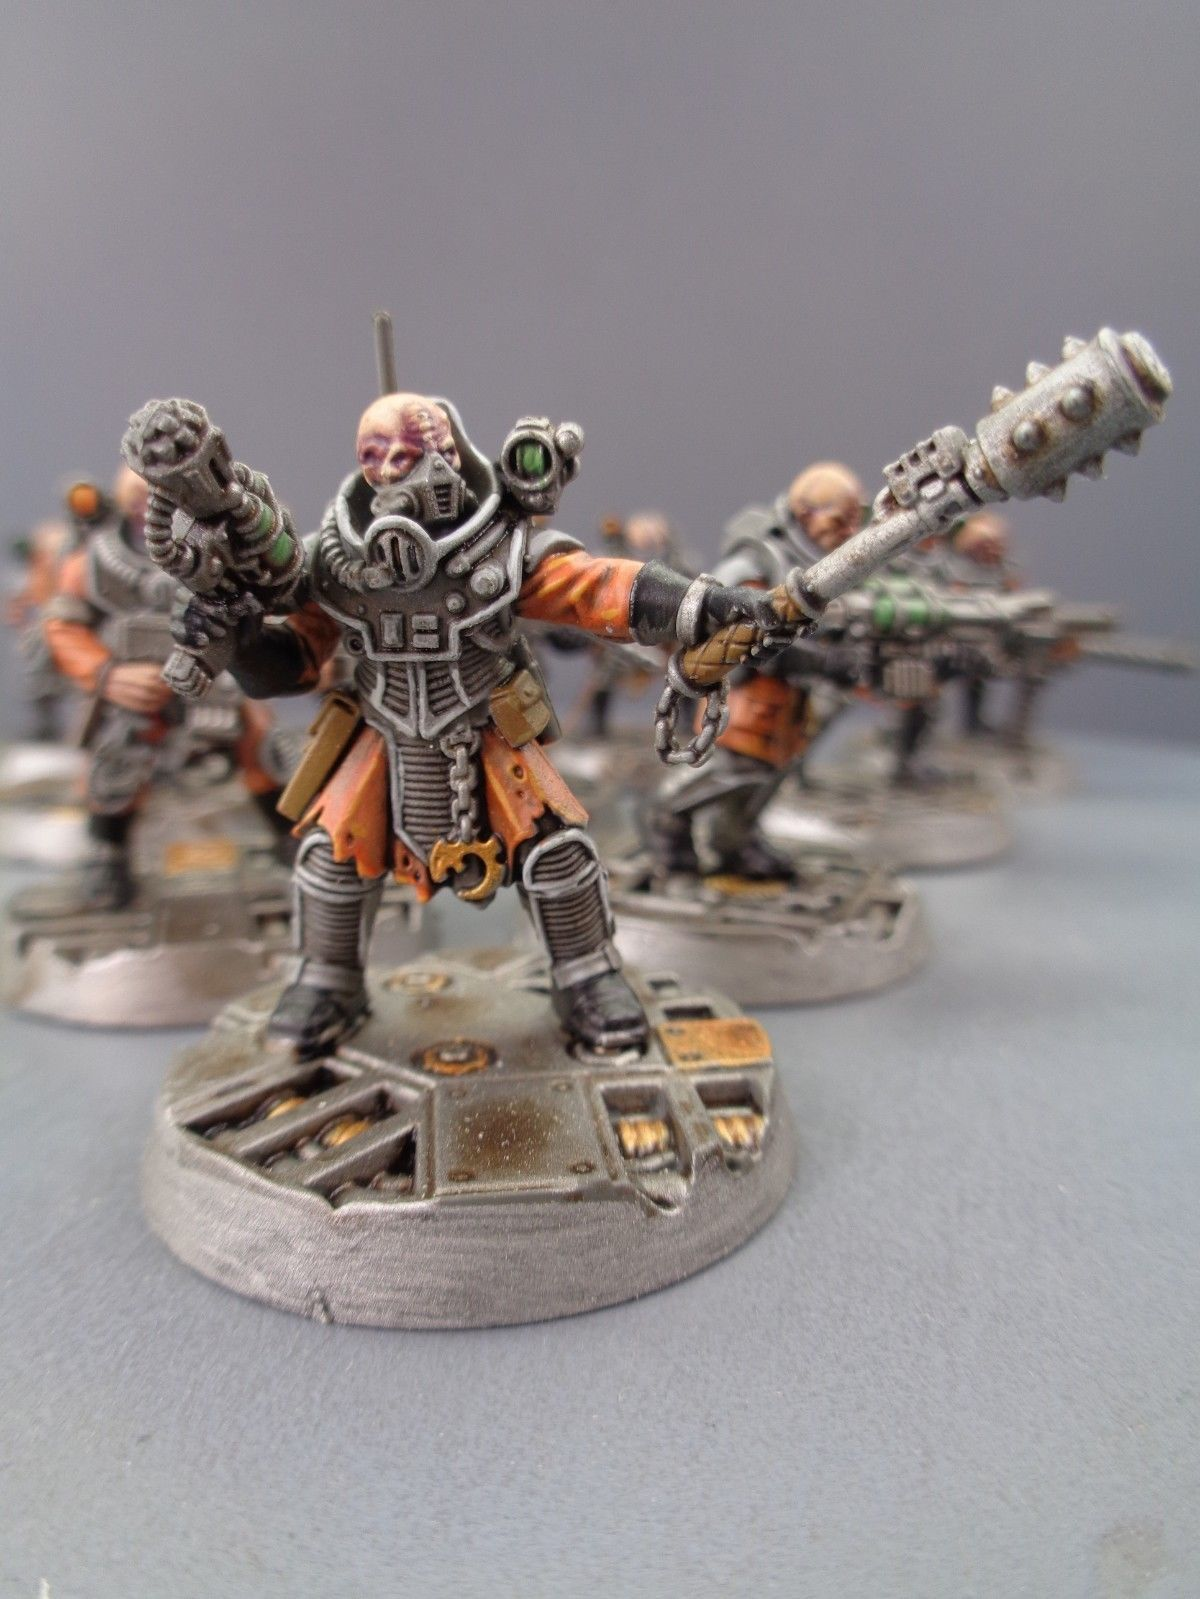 Tyranid Genestealer Cult Neophyte Hyrbid FLAMER GUN 40K Warhammer